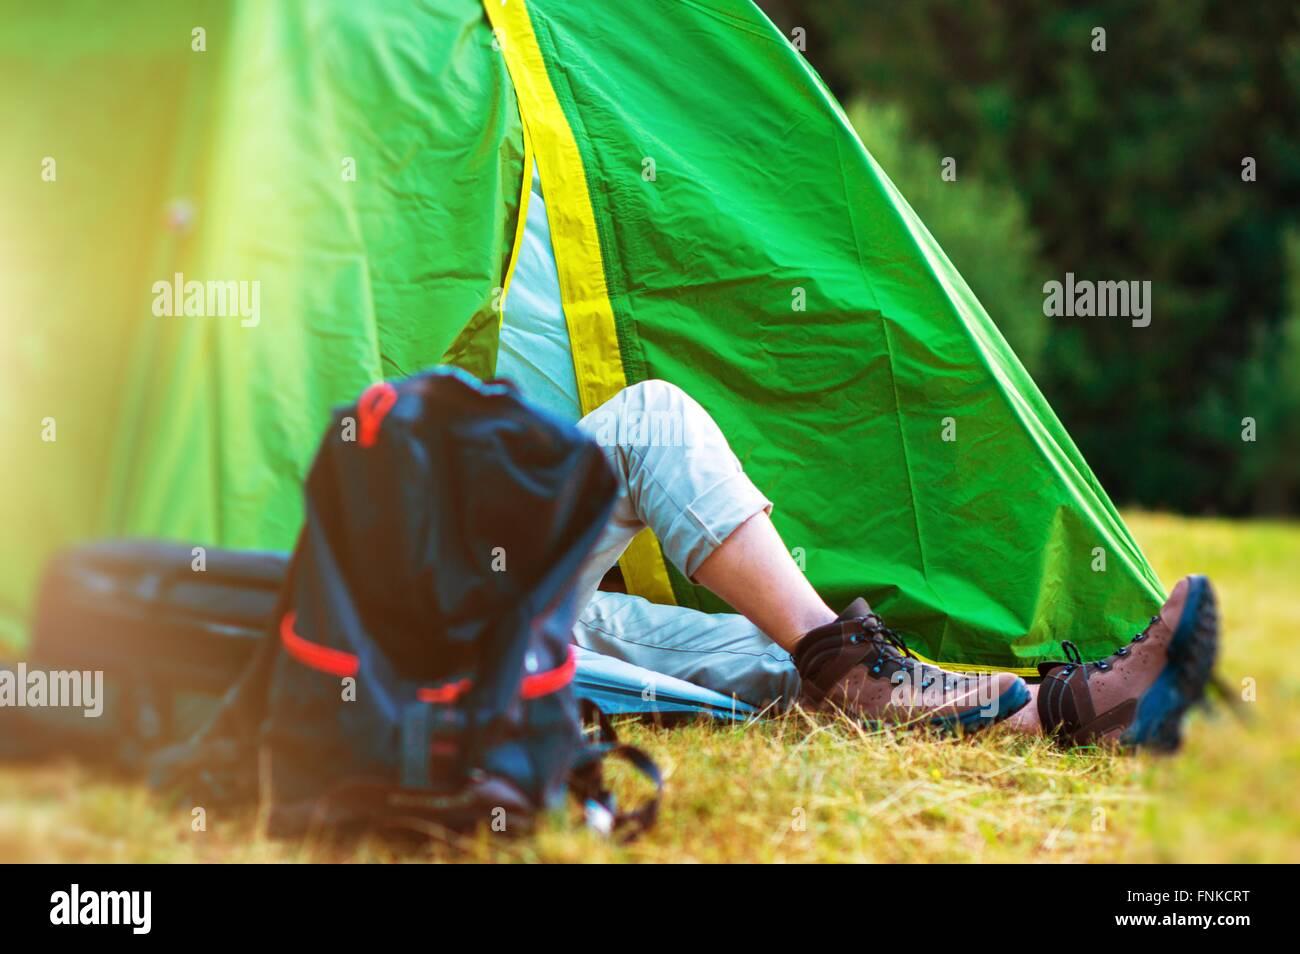 Wildnis Zelten. Wanderer ruht in seinem grünen Zelt. Wandern und Camping Thema. Stockbild